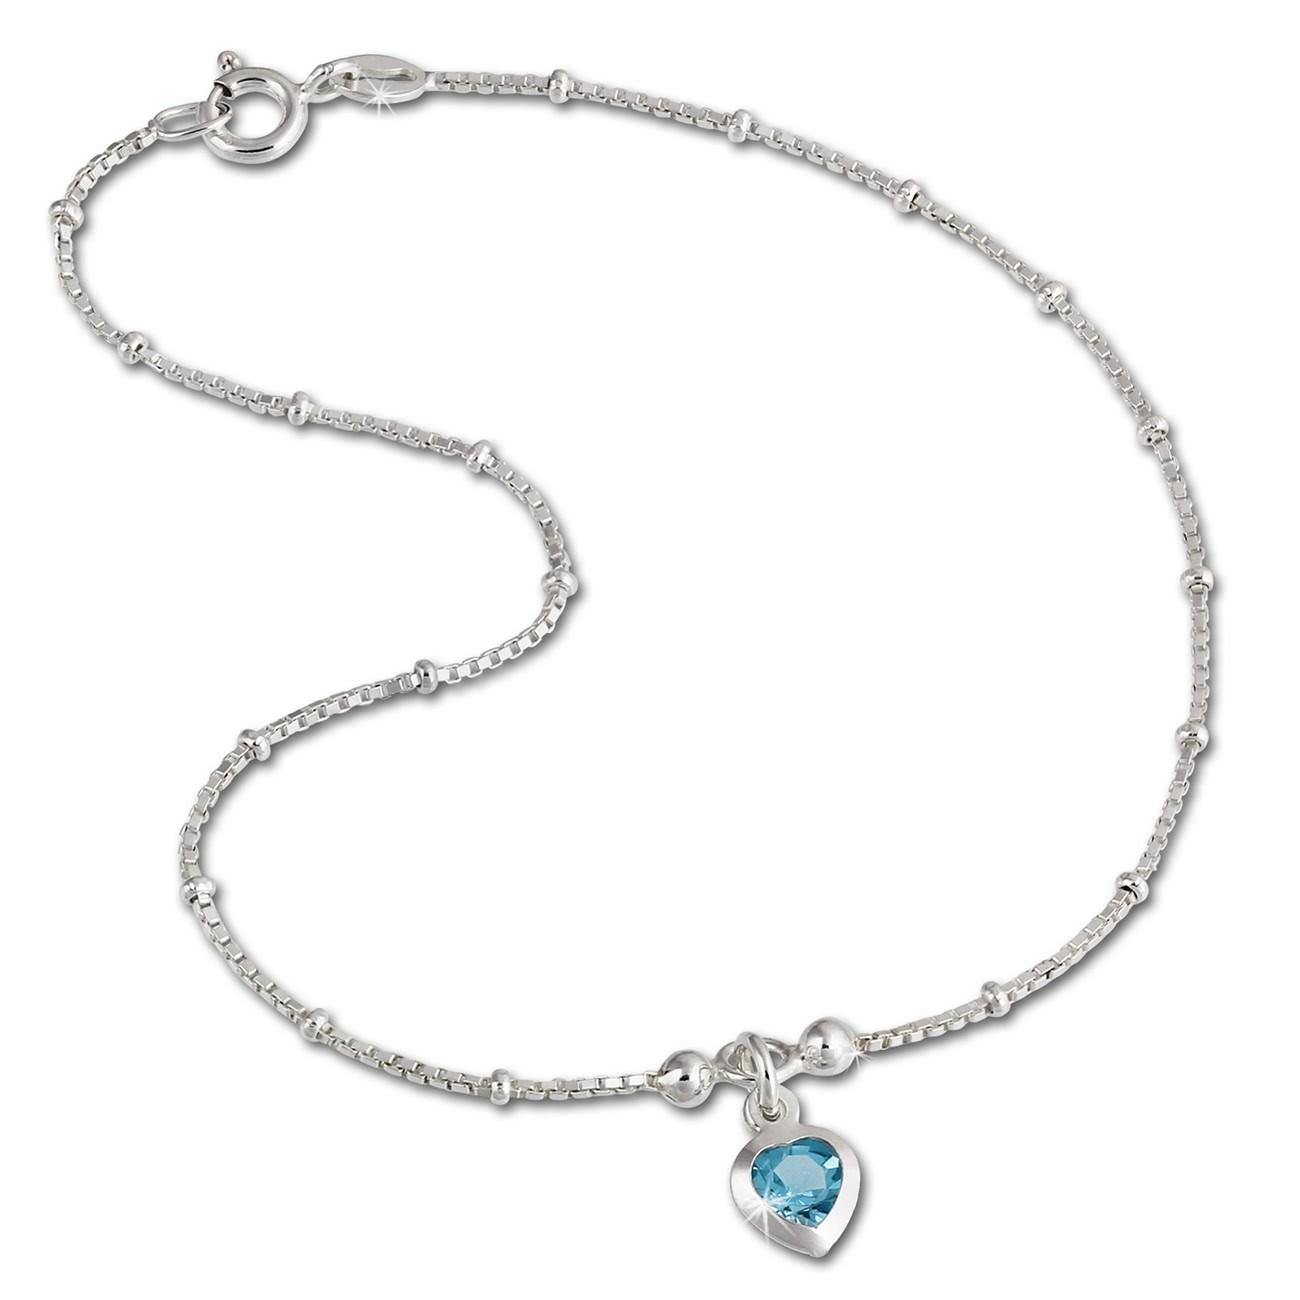 SilberDream Fußkette Herz 23cm Zirkonia hellblau Silber SDF2023H